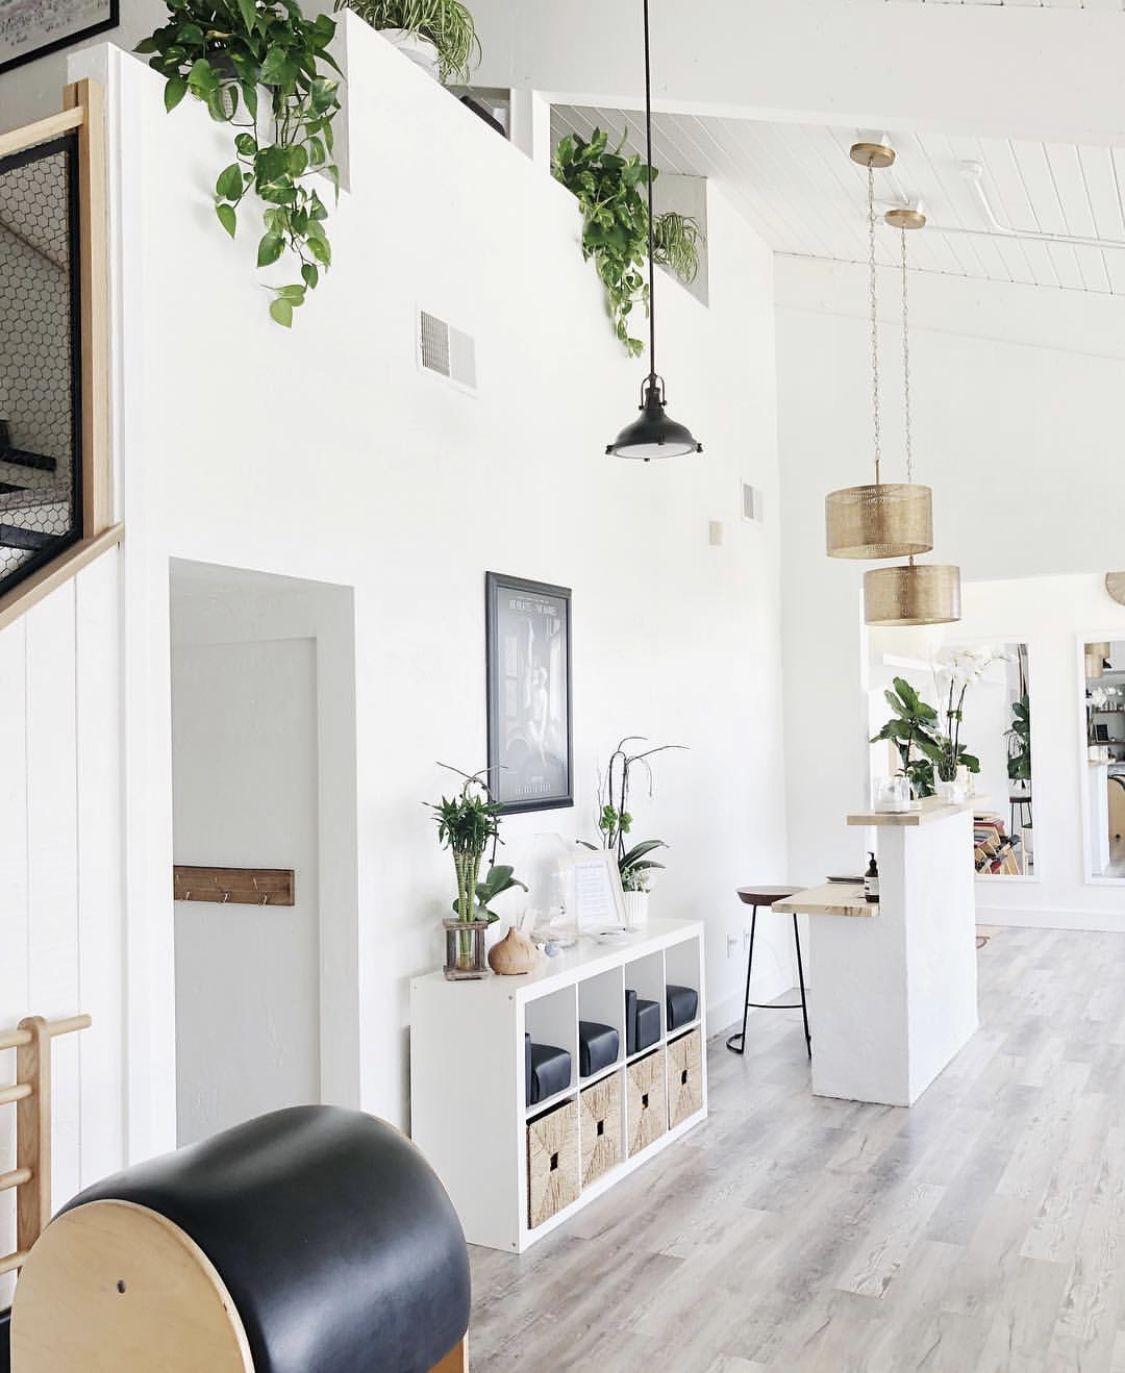 Pilates Studio In 2020 Living Room Scandinavian House Interior Modern Scandinavian Interior